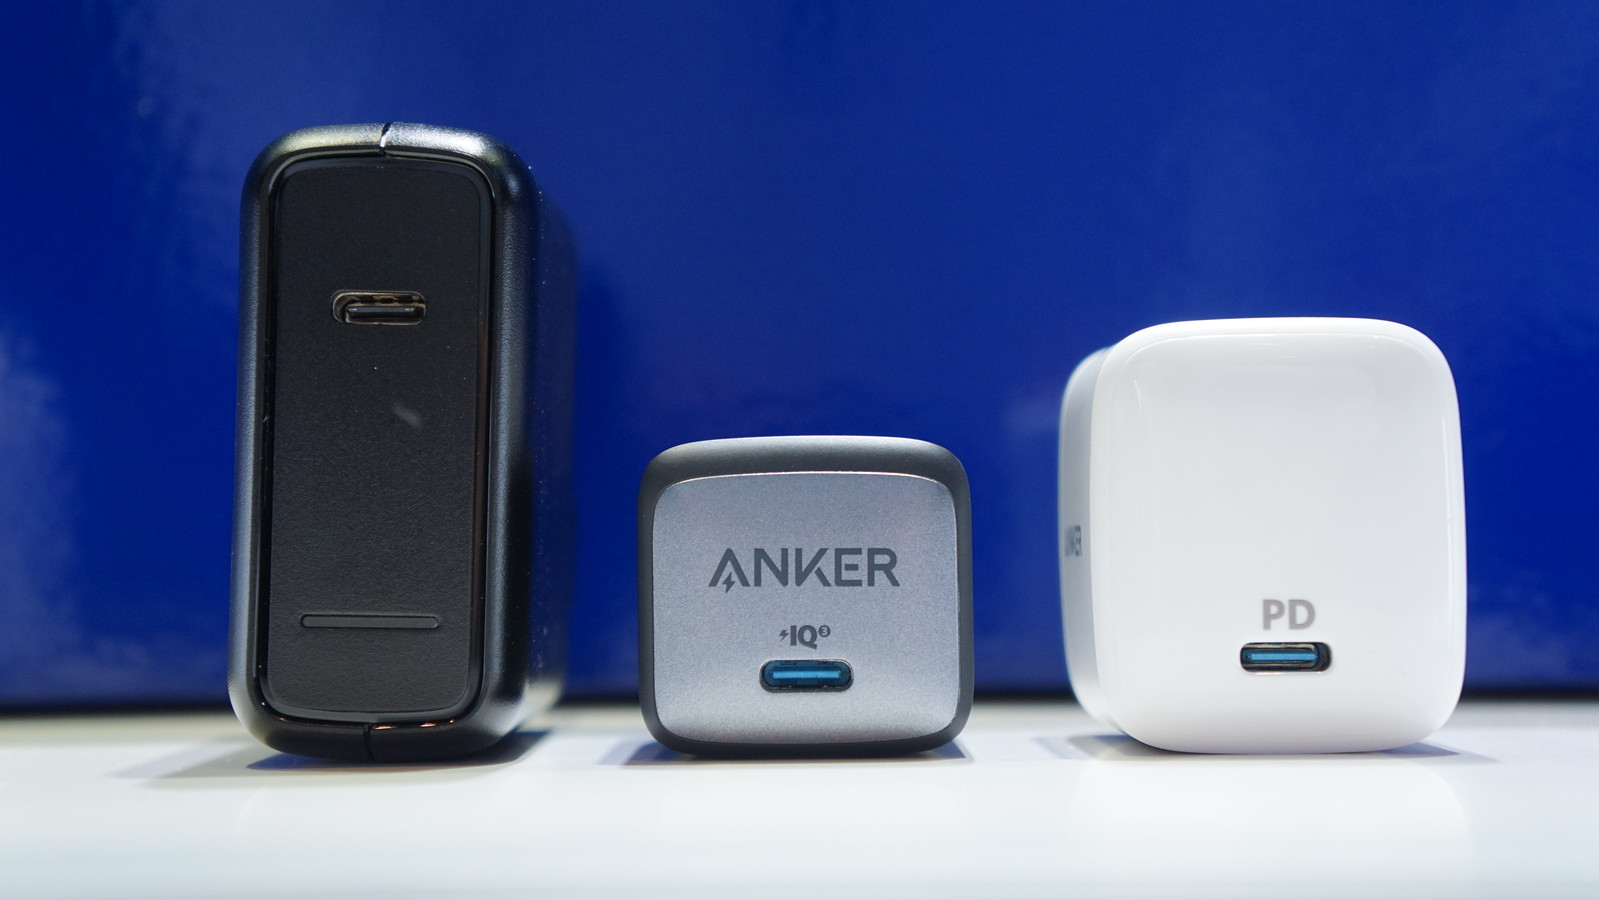 同じ30W出力のAnker充電器と大きさを比較